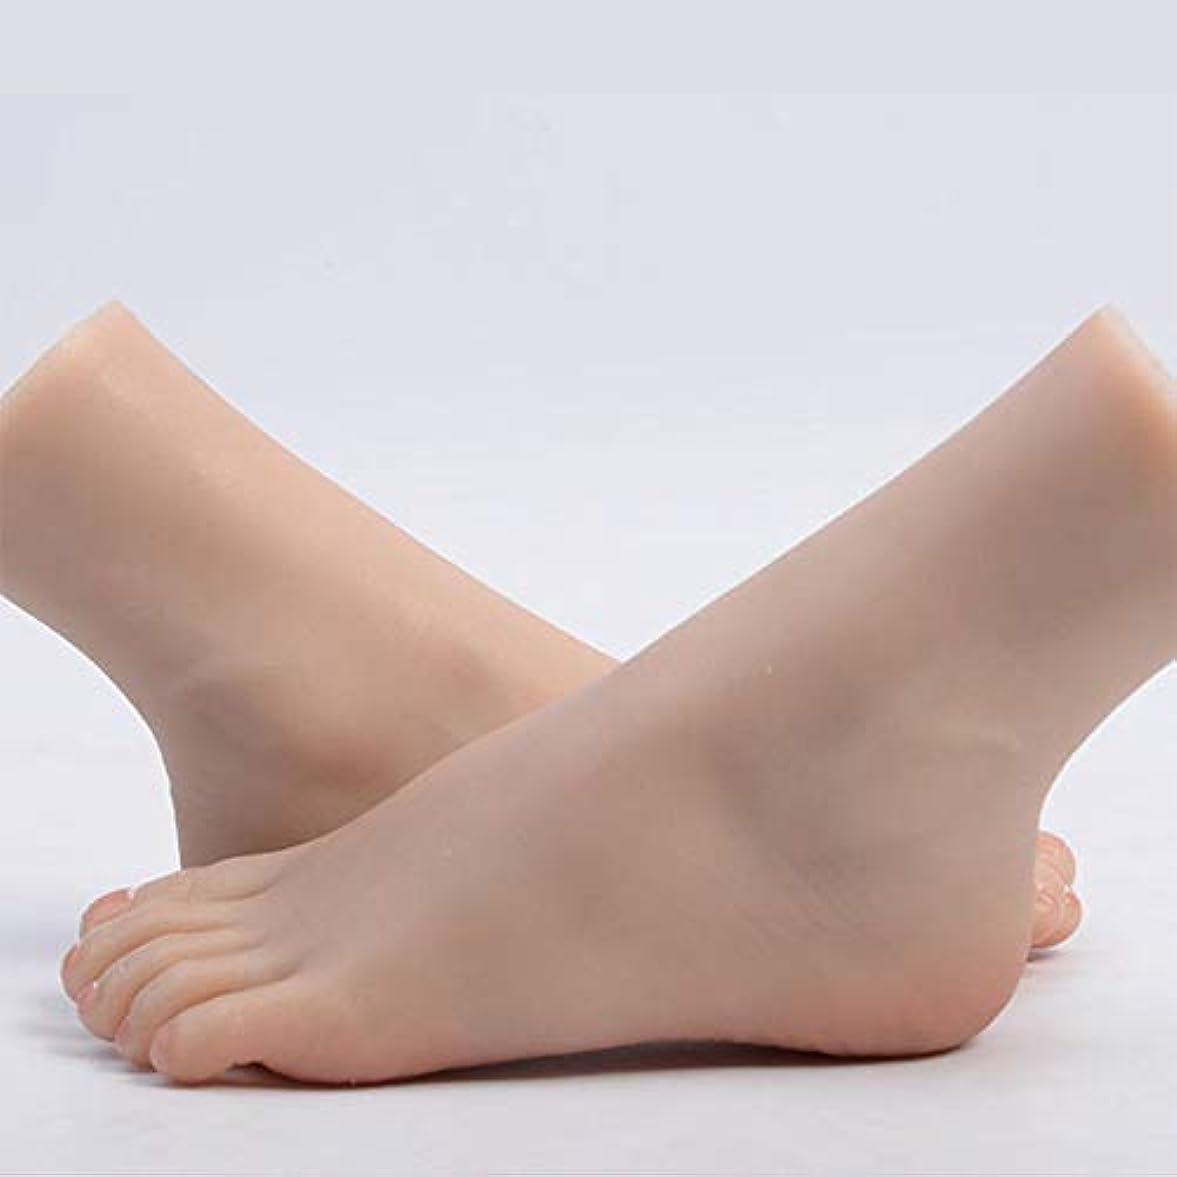 魅力的であることへのアピール完璧チューインガム足モデル、現実的な女性ネイルアートの練習の足マネキン足モデルシューズソックスジュエリーディスプレイ、1ペア,Bone